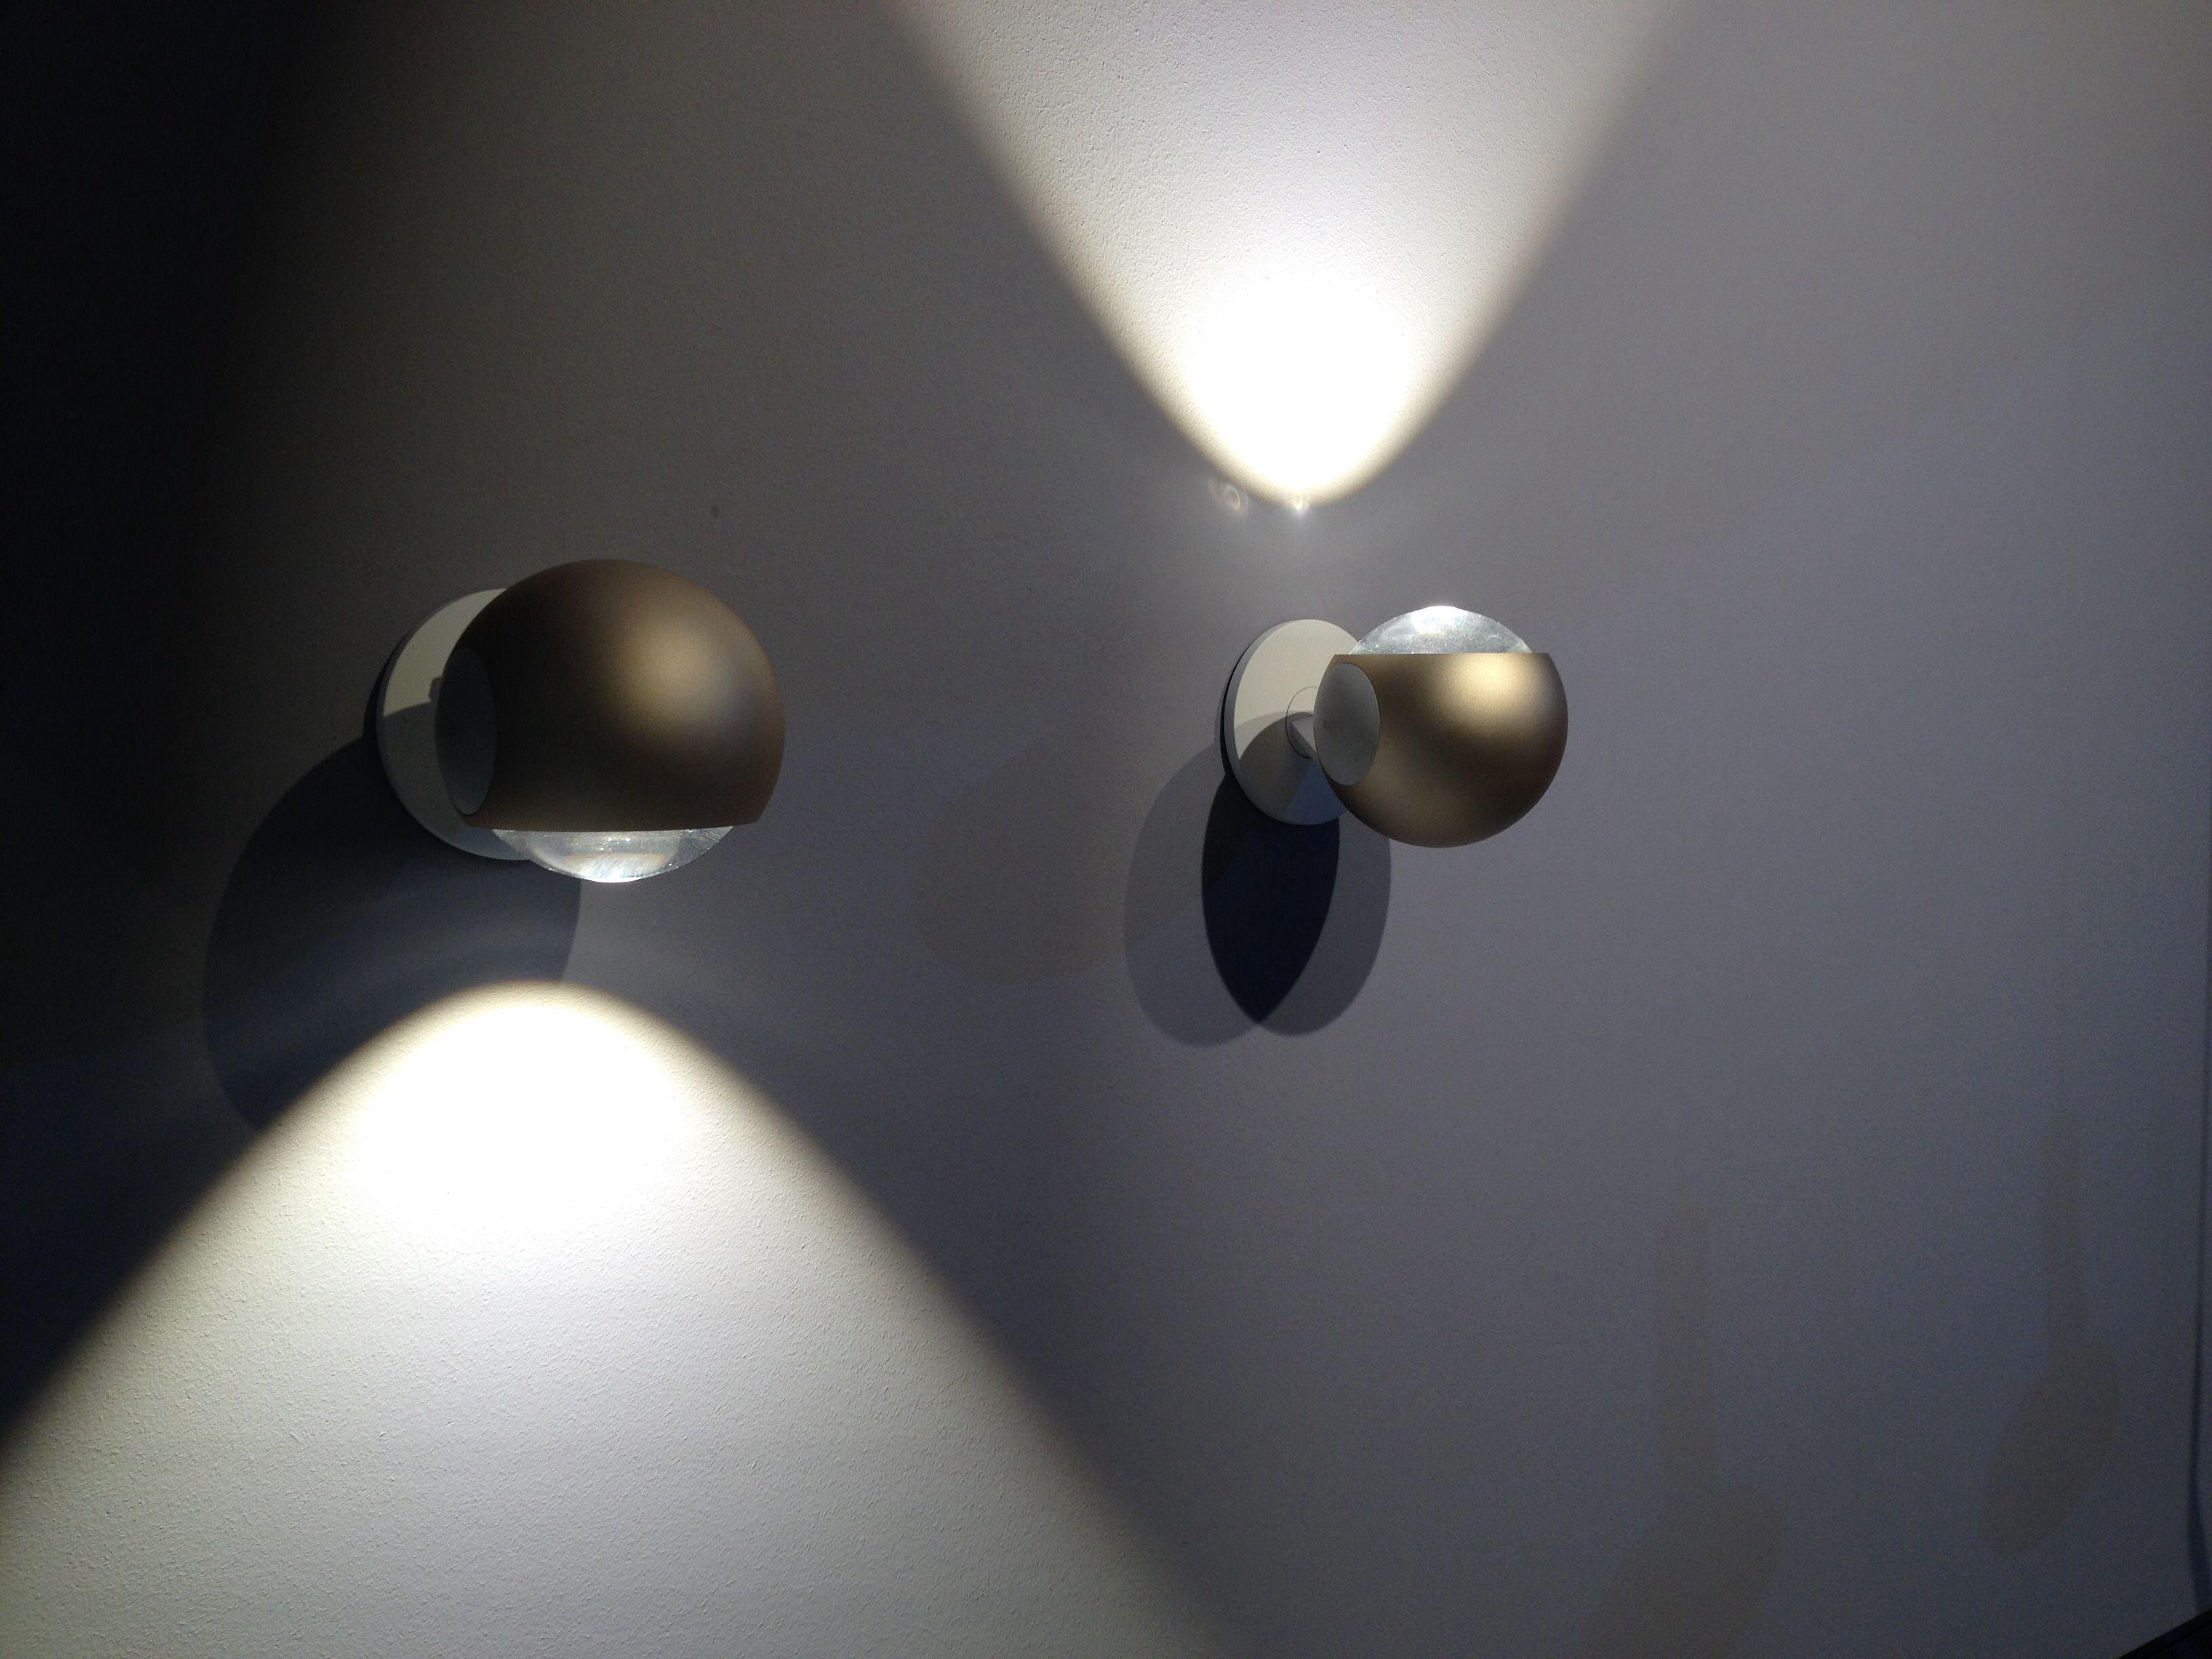 Occhio Leuchten neue occhio leuchten serie io3d neue oberflächen led und mehr